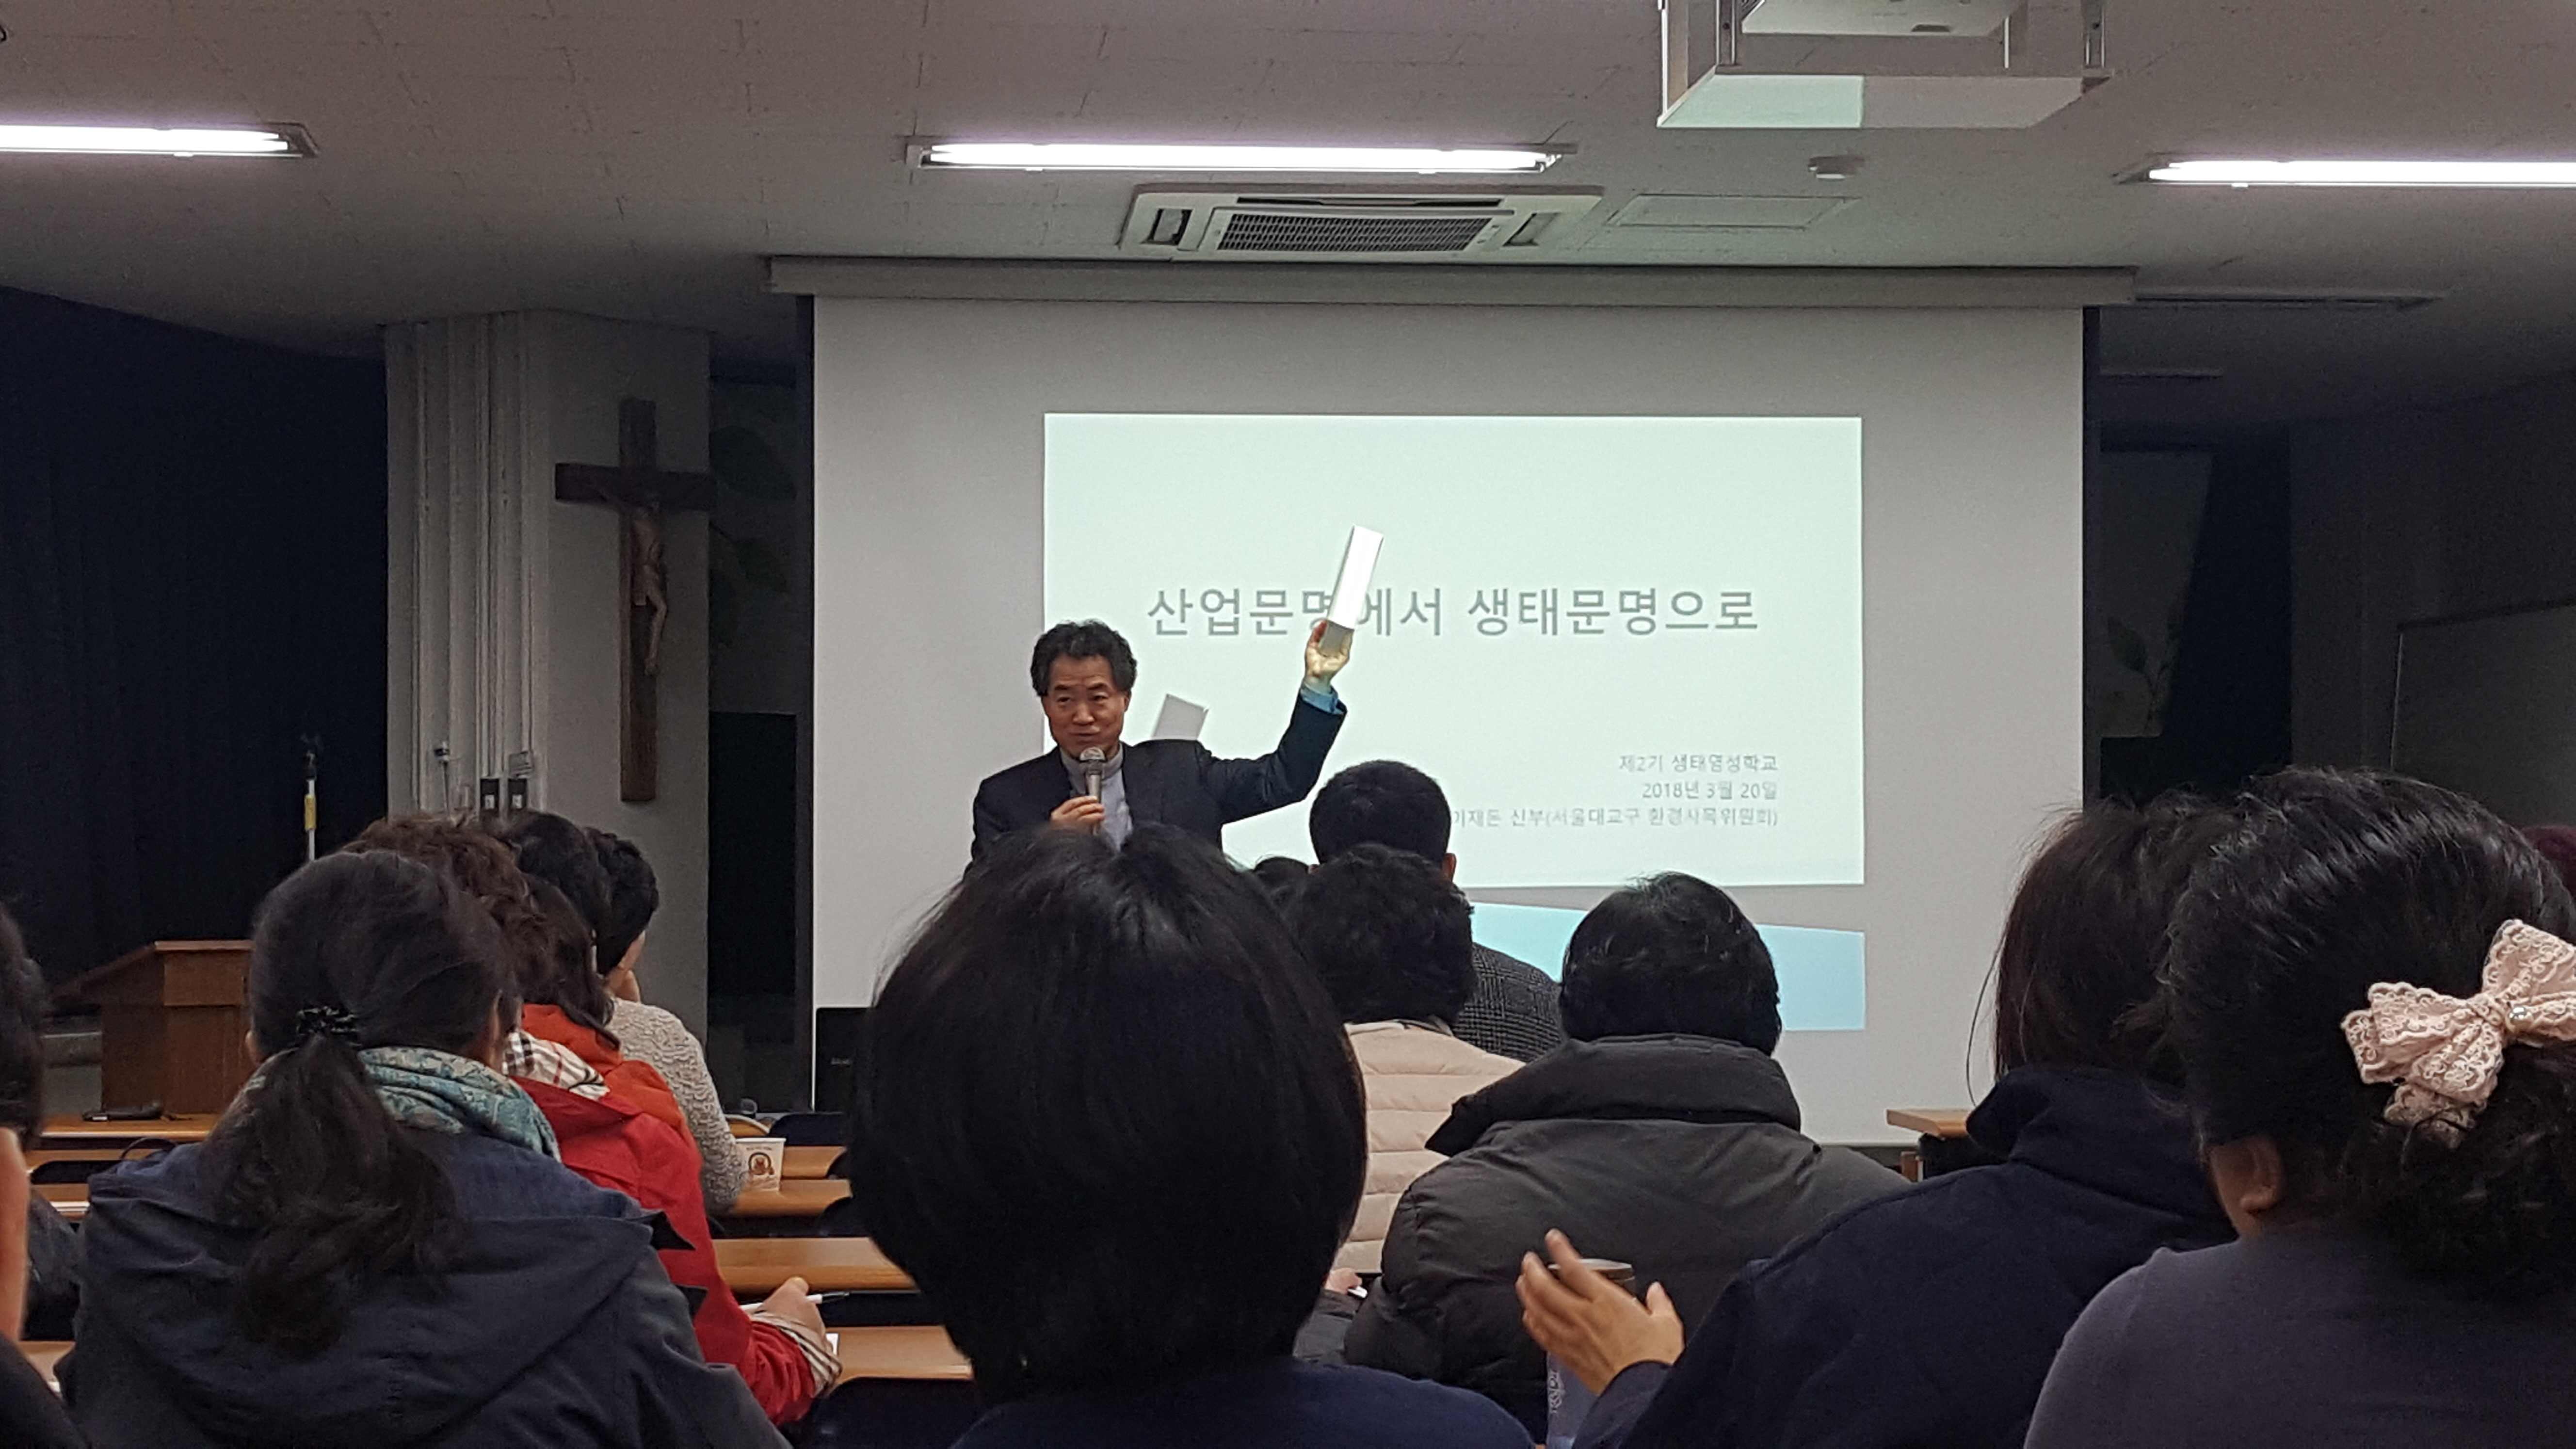 [2기 천주교 생태영성학교] 생태문명으로의 전환..